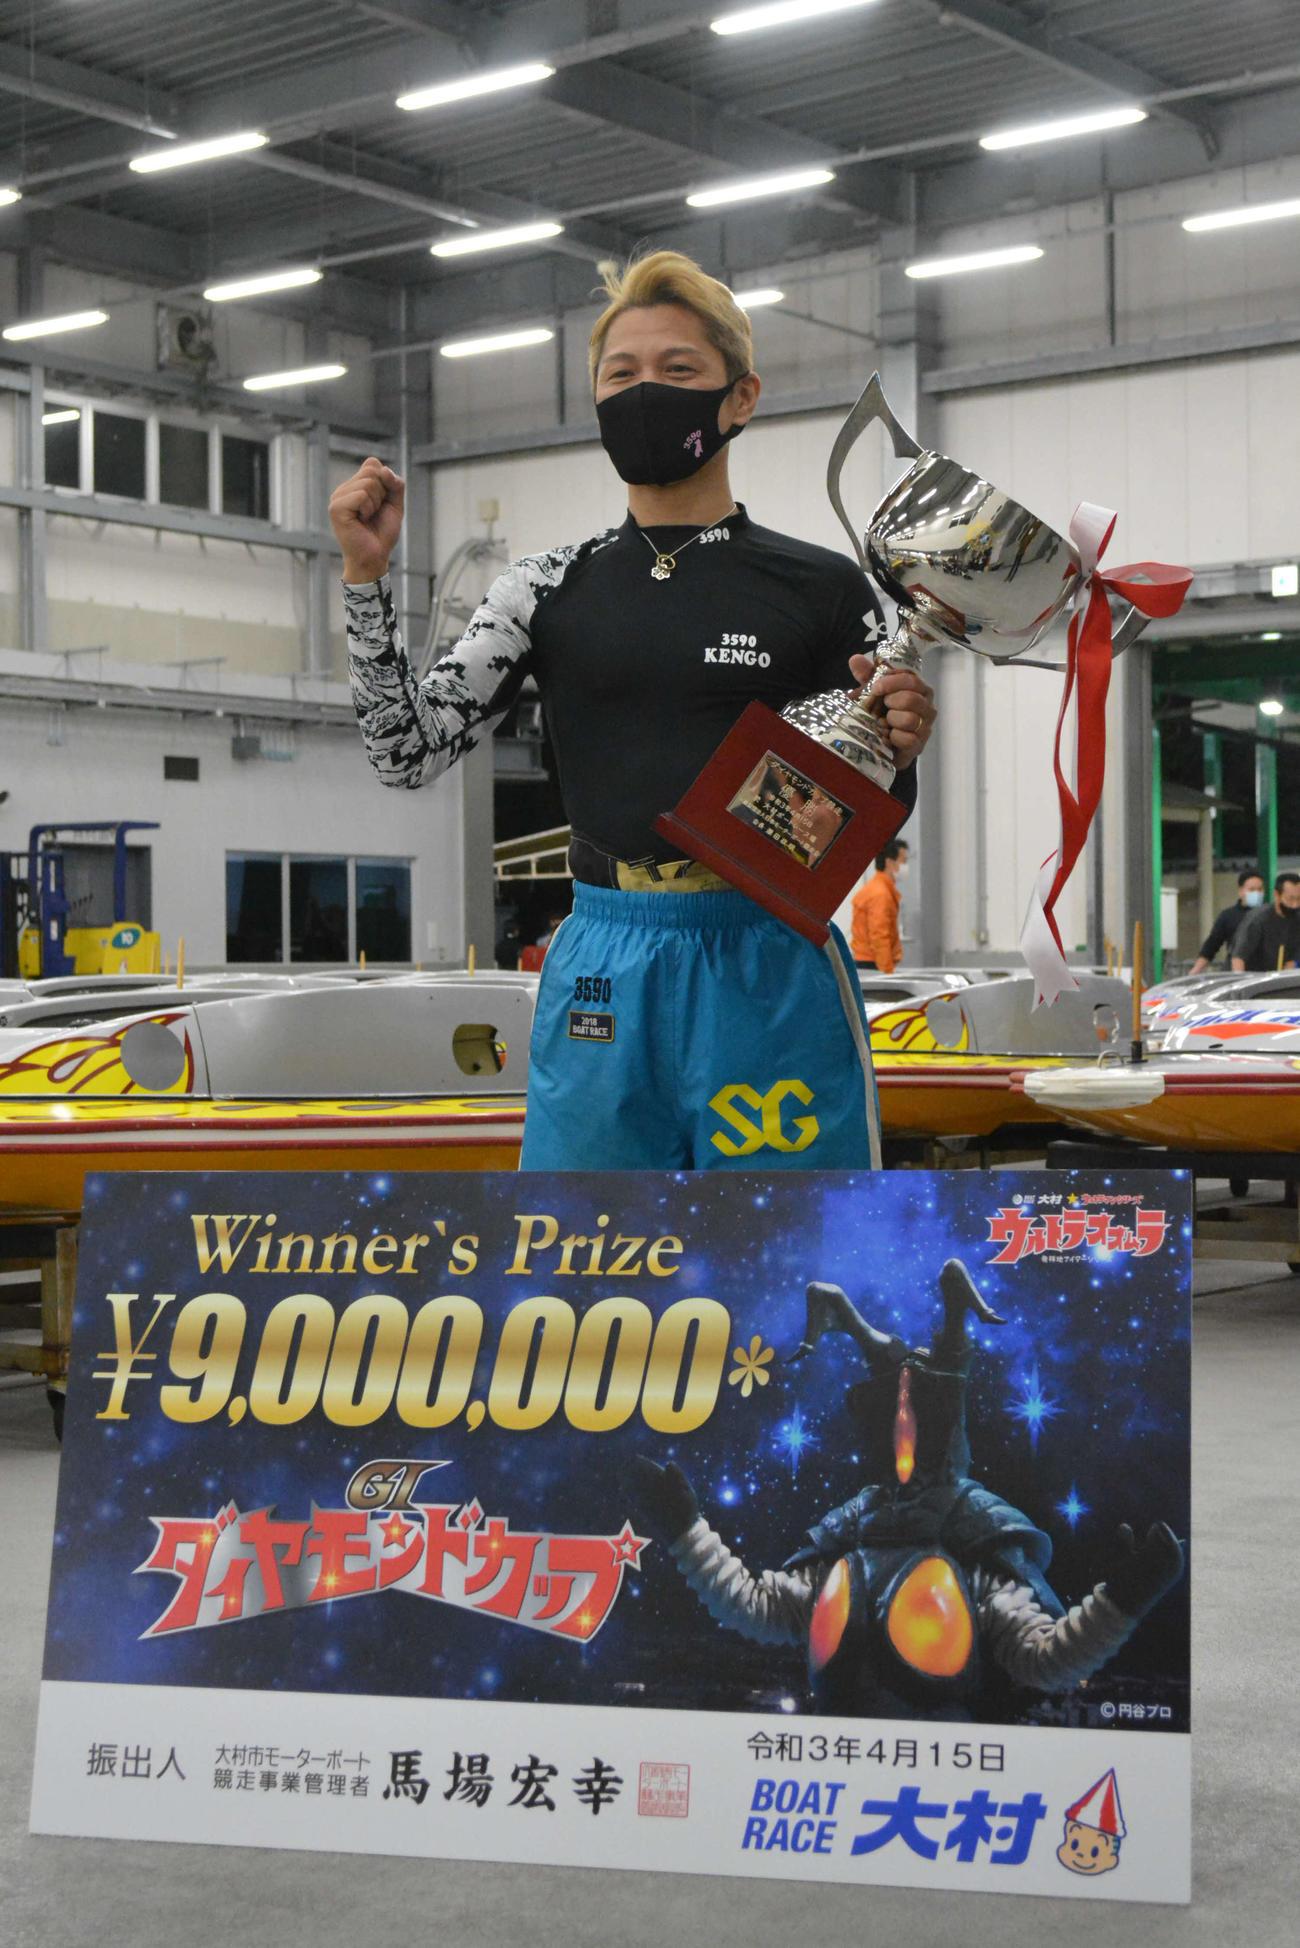 浜野谷憲吾が逃げ圧勝し、18年10月以来のG1Vを飾った